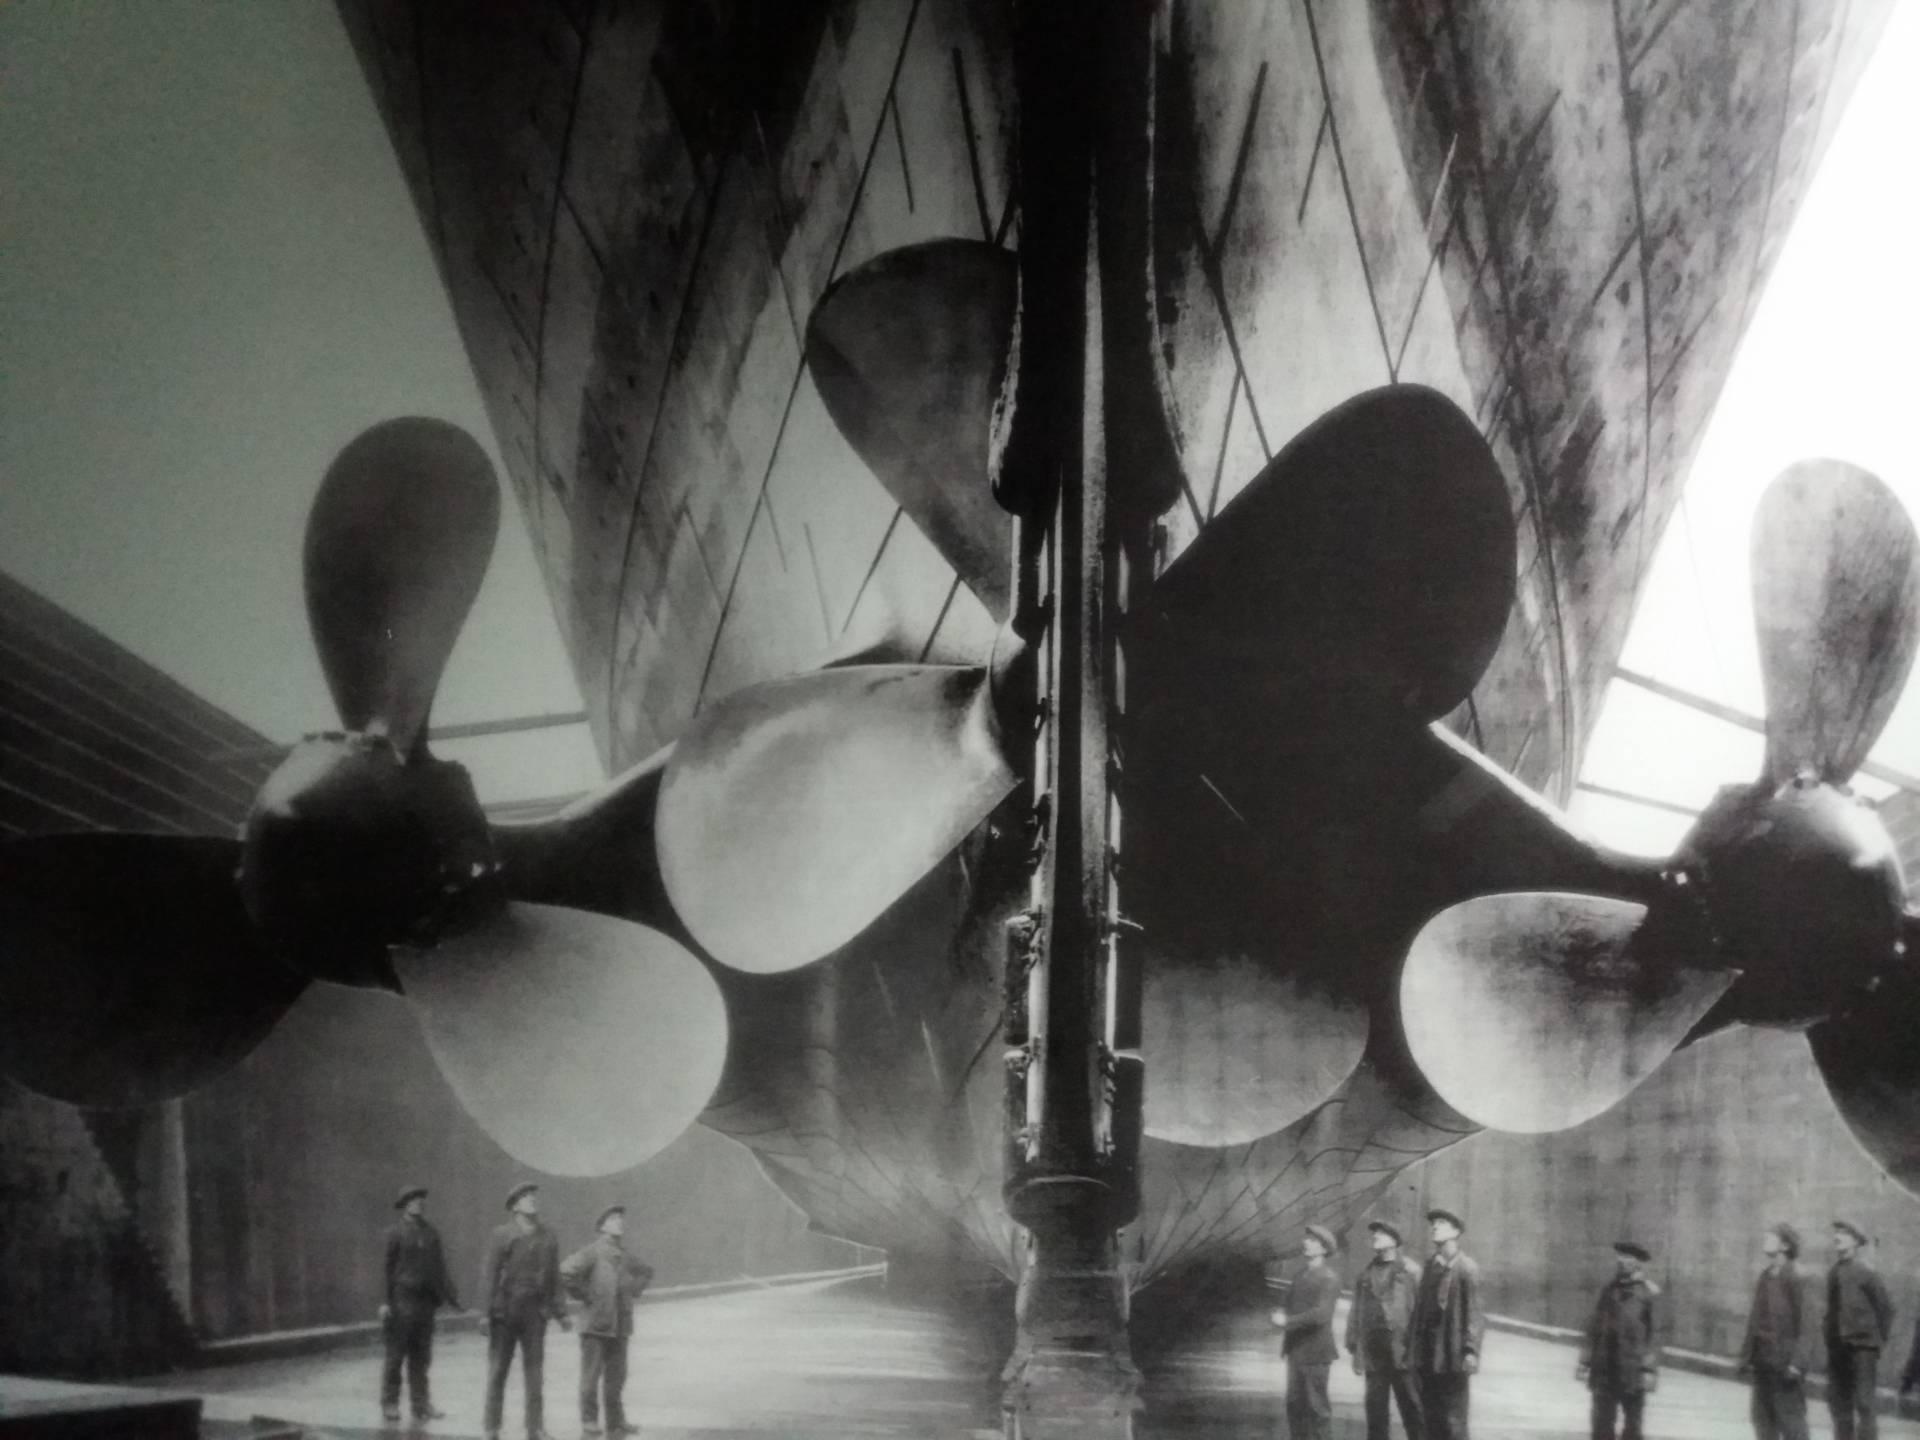 Una imagen del Titanic antes de ser botado. Sus inmensas hélices, con palas de siete metros, comparadas con los constructores dan una idea de su grandiosidad.